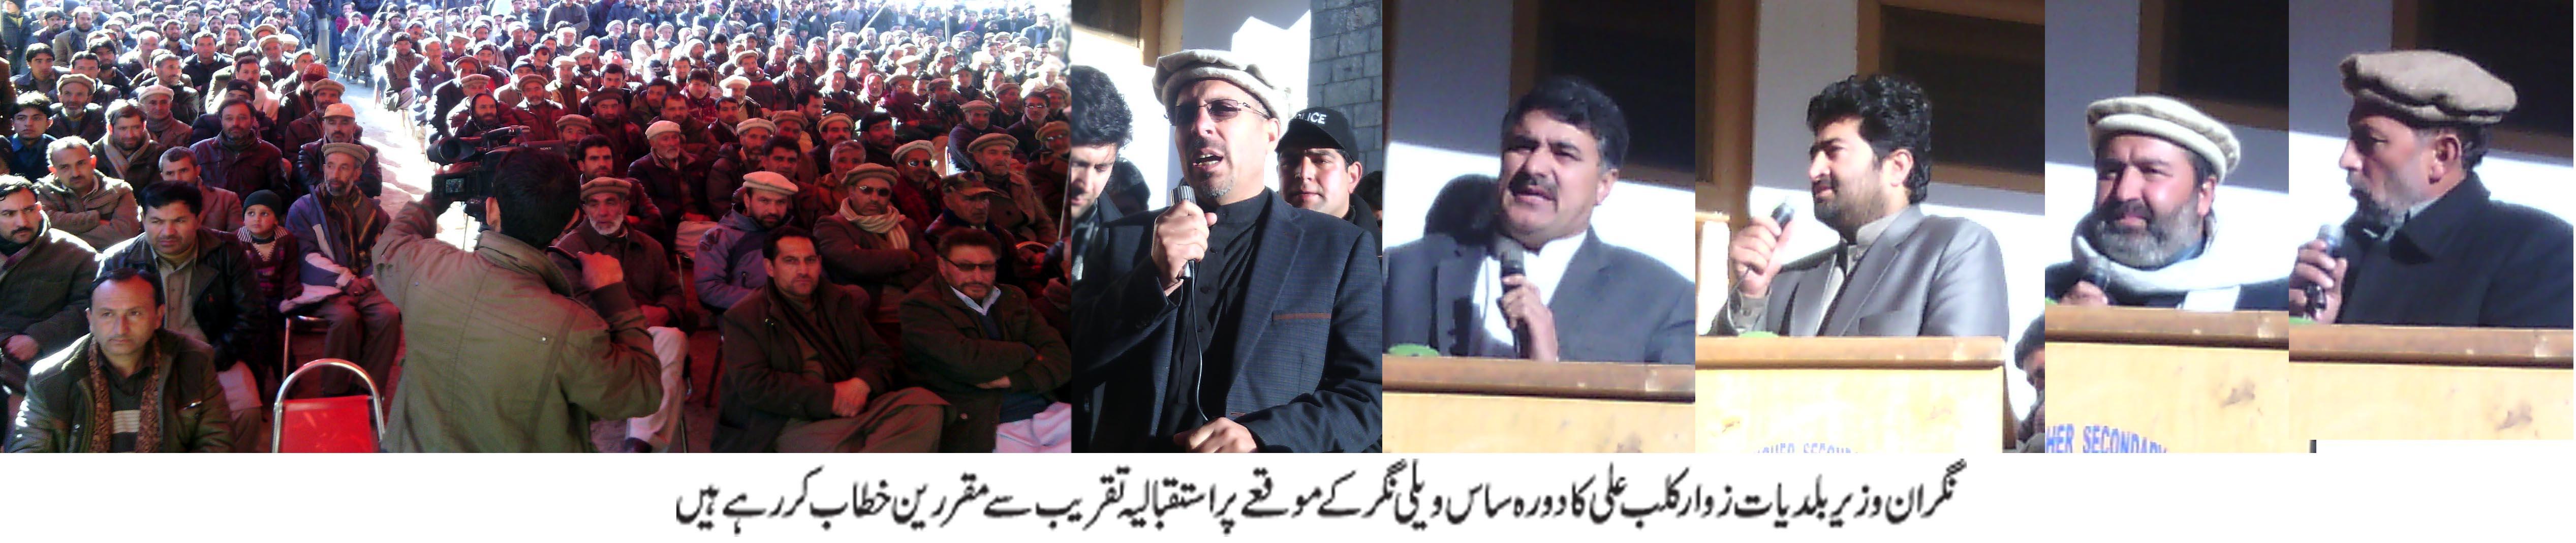 نگران وزیر بلدیات قلب علی کا ساس ویلی نگر میں شاندار استقبال